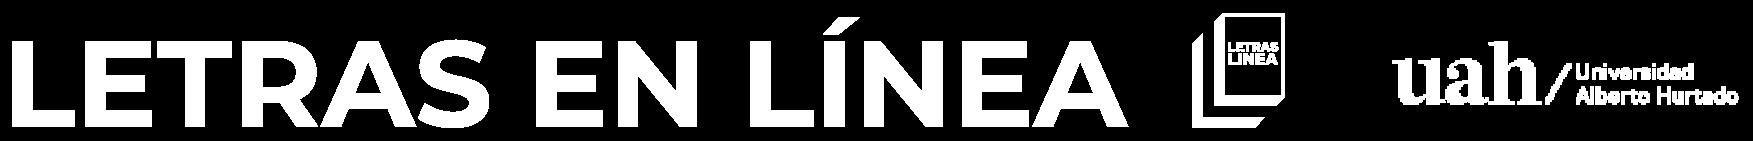 letras-en-linea_web_con-logo-uah_002